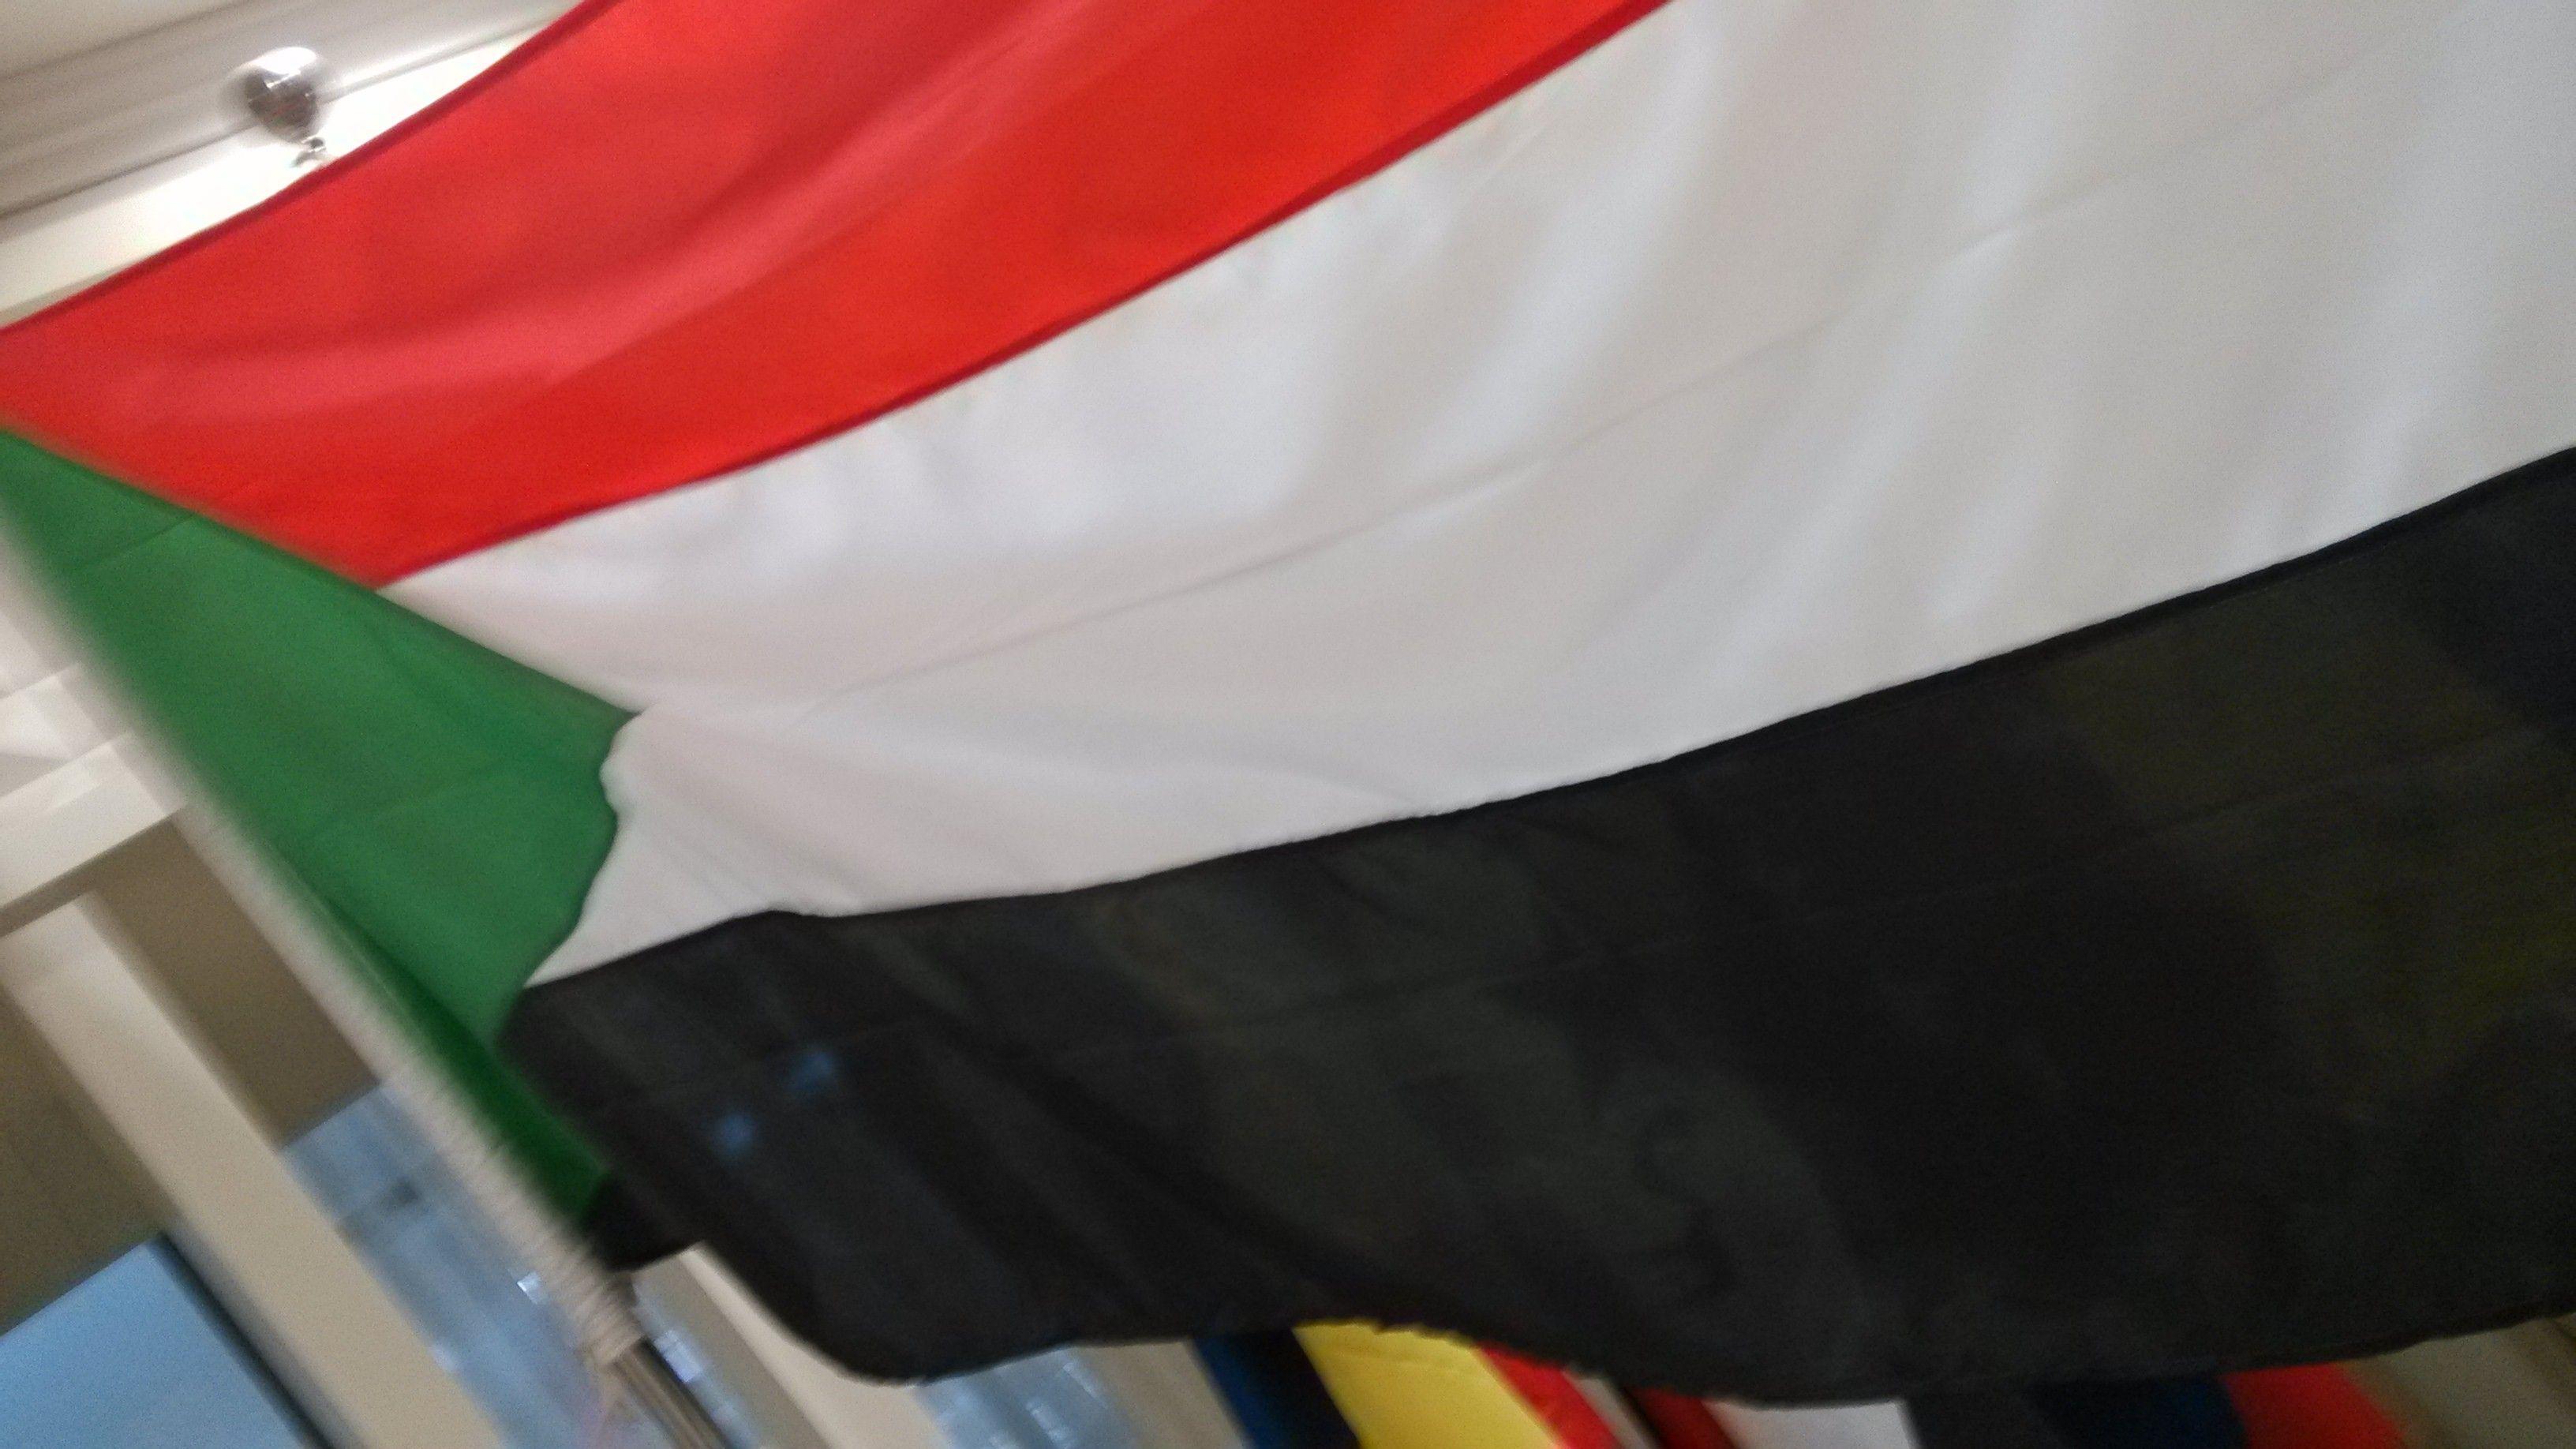 哪个国家国旗是由红白蓝白红五个彩色横条组成 高清图片